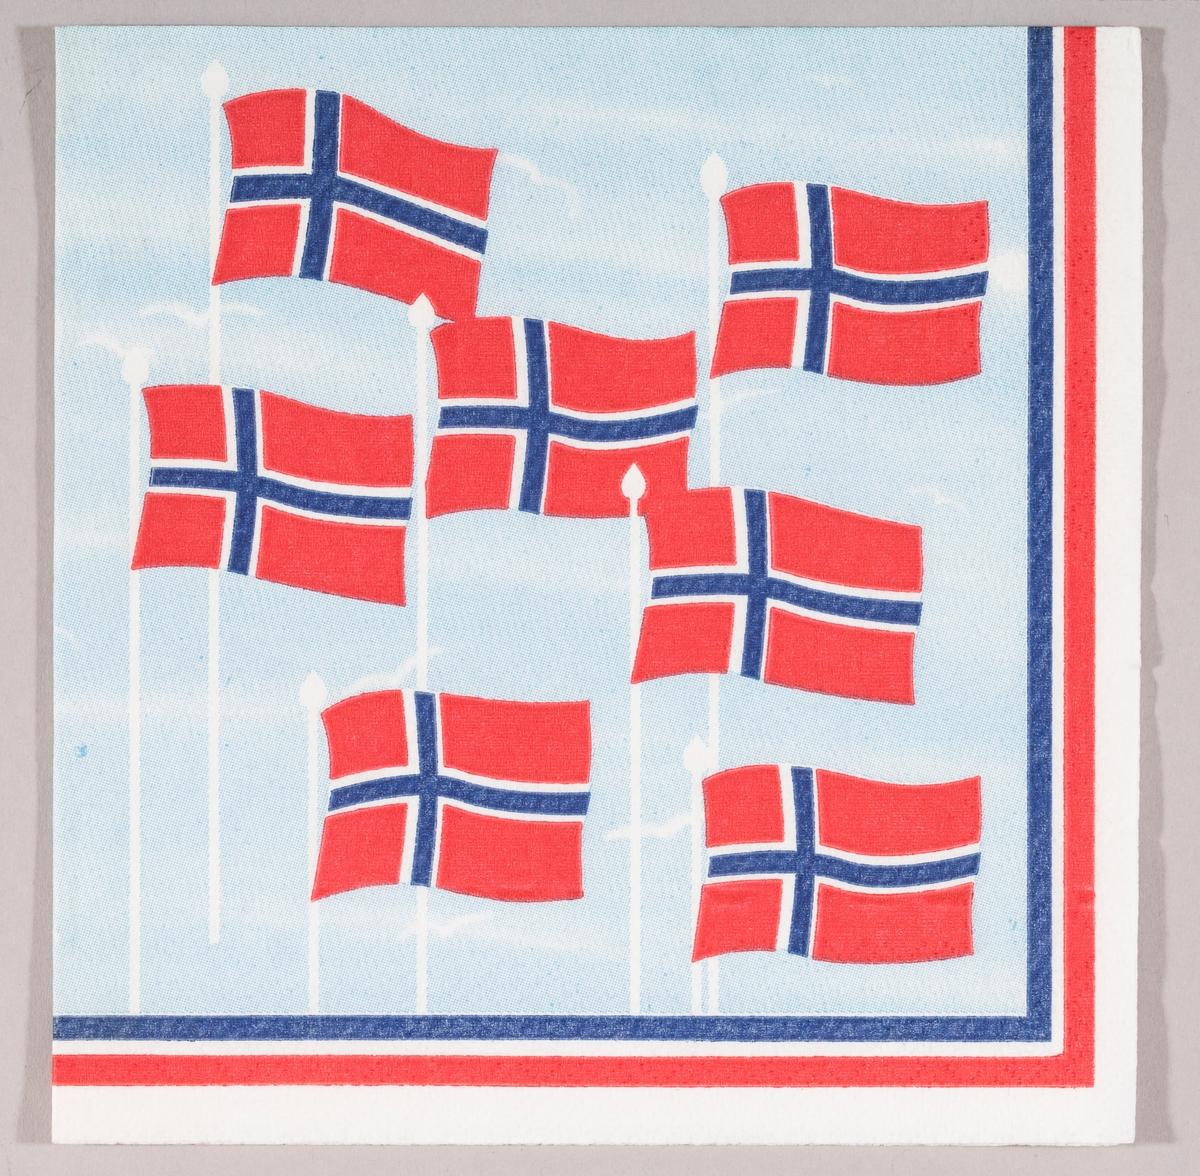 Norske flagg som flagrer i vinden mot en lysblå himmel